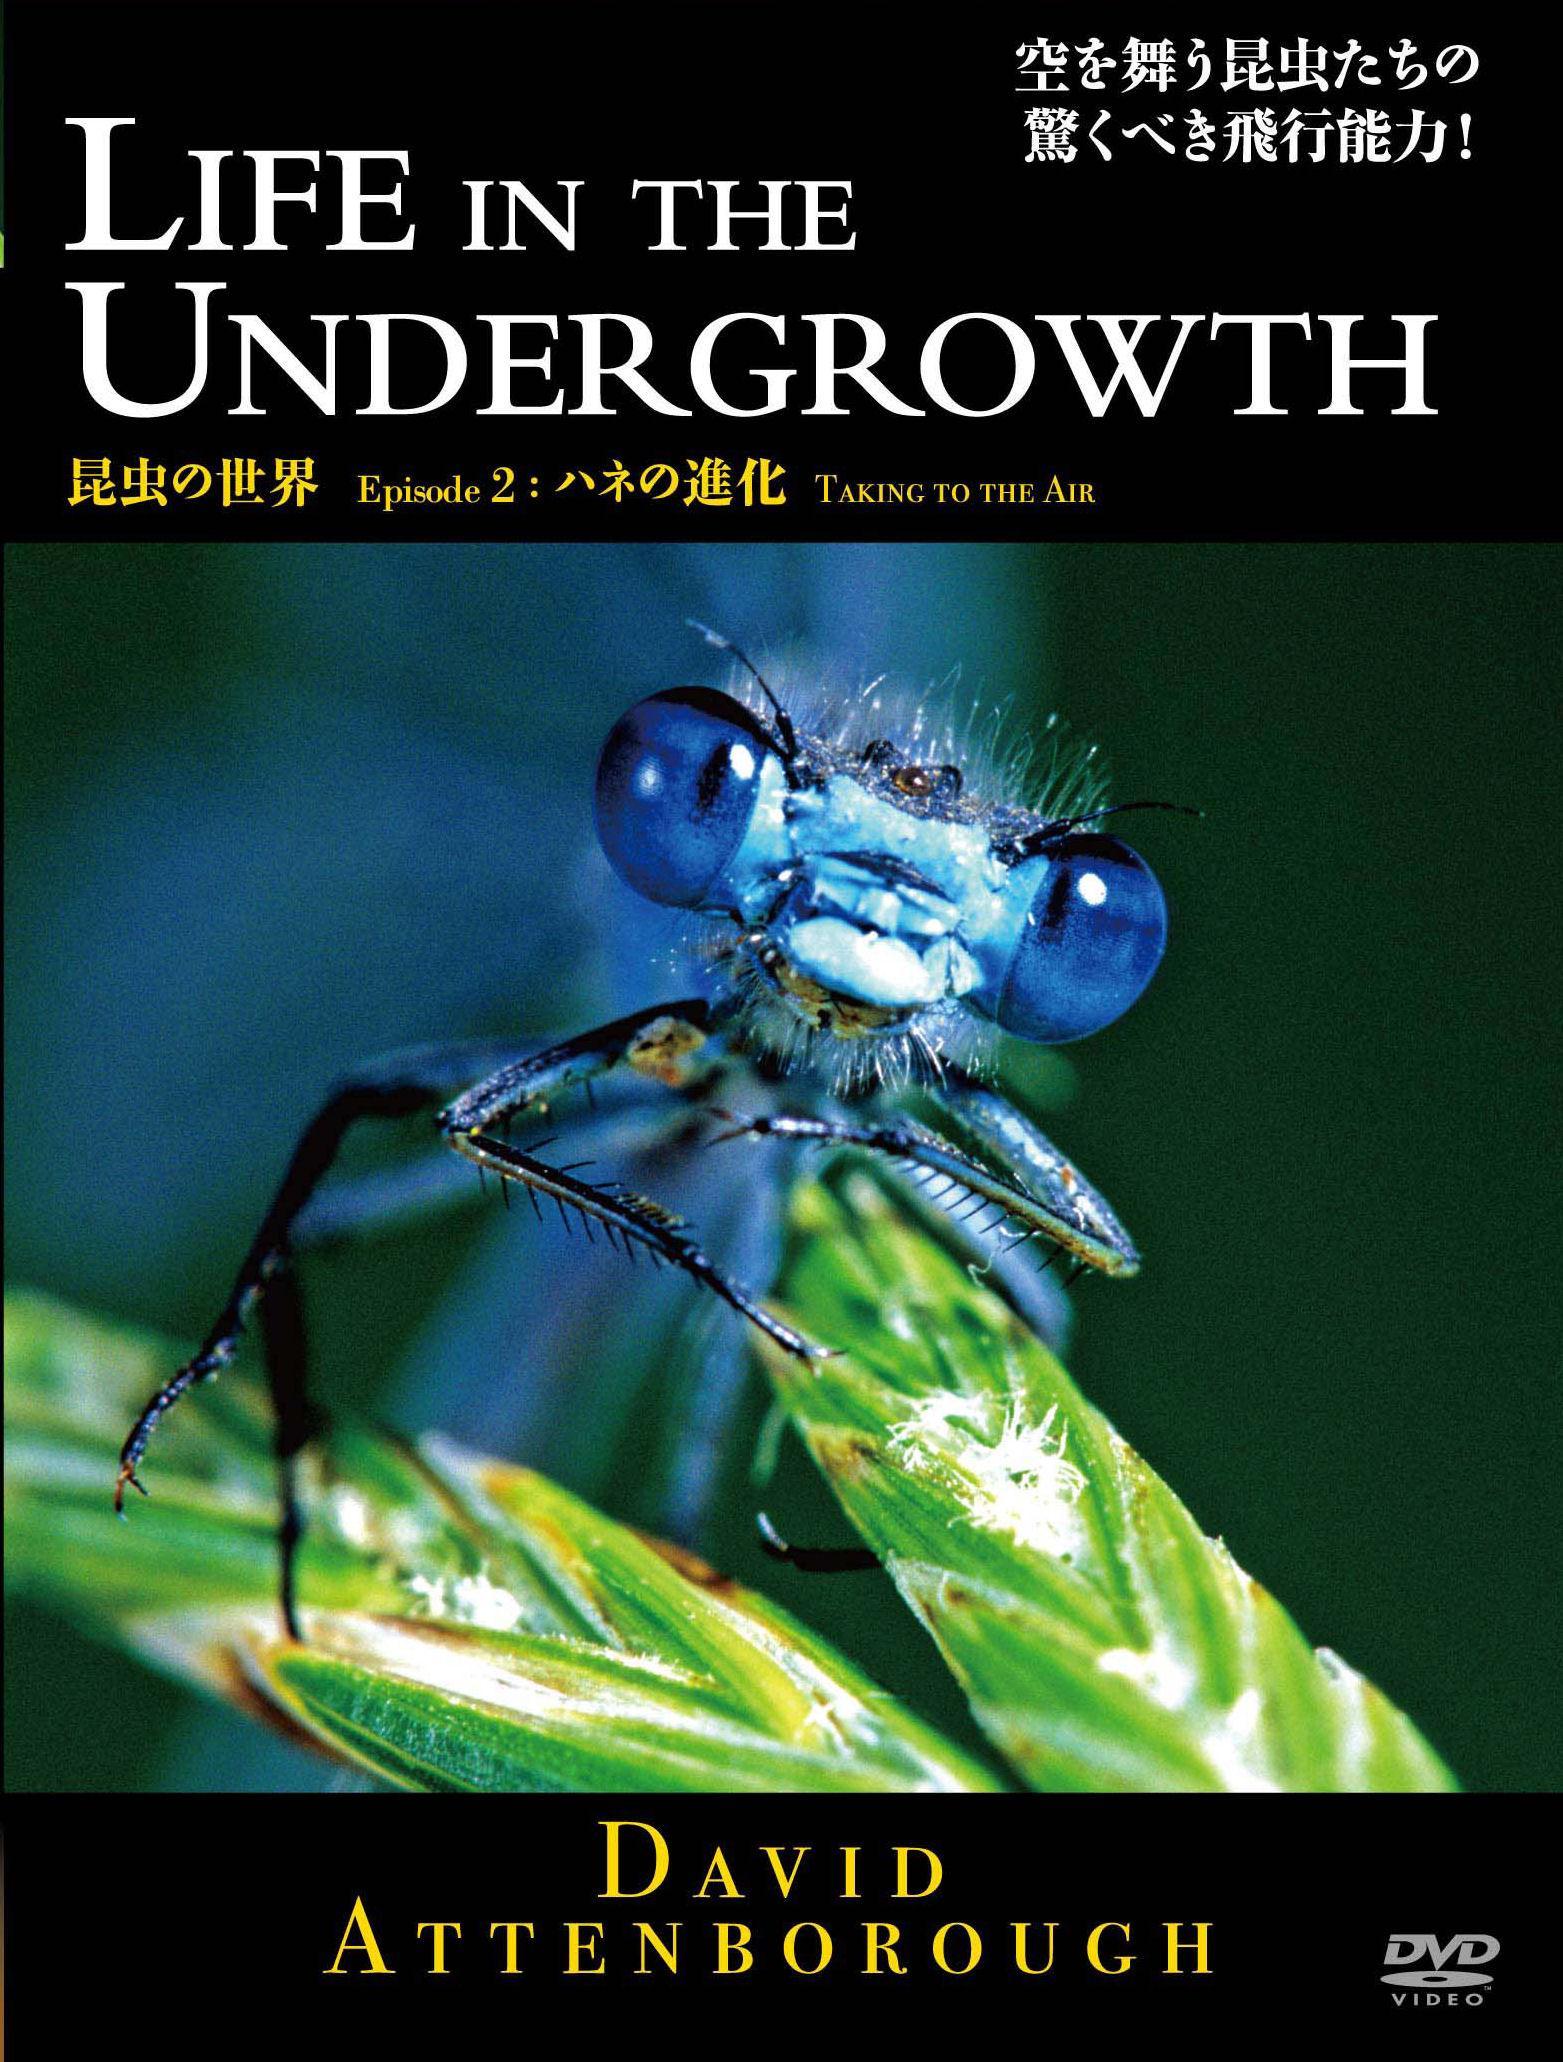 BBC 昆虫の世界 ハネの進化 2 のサムネイル画像